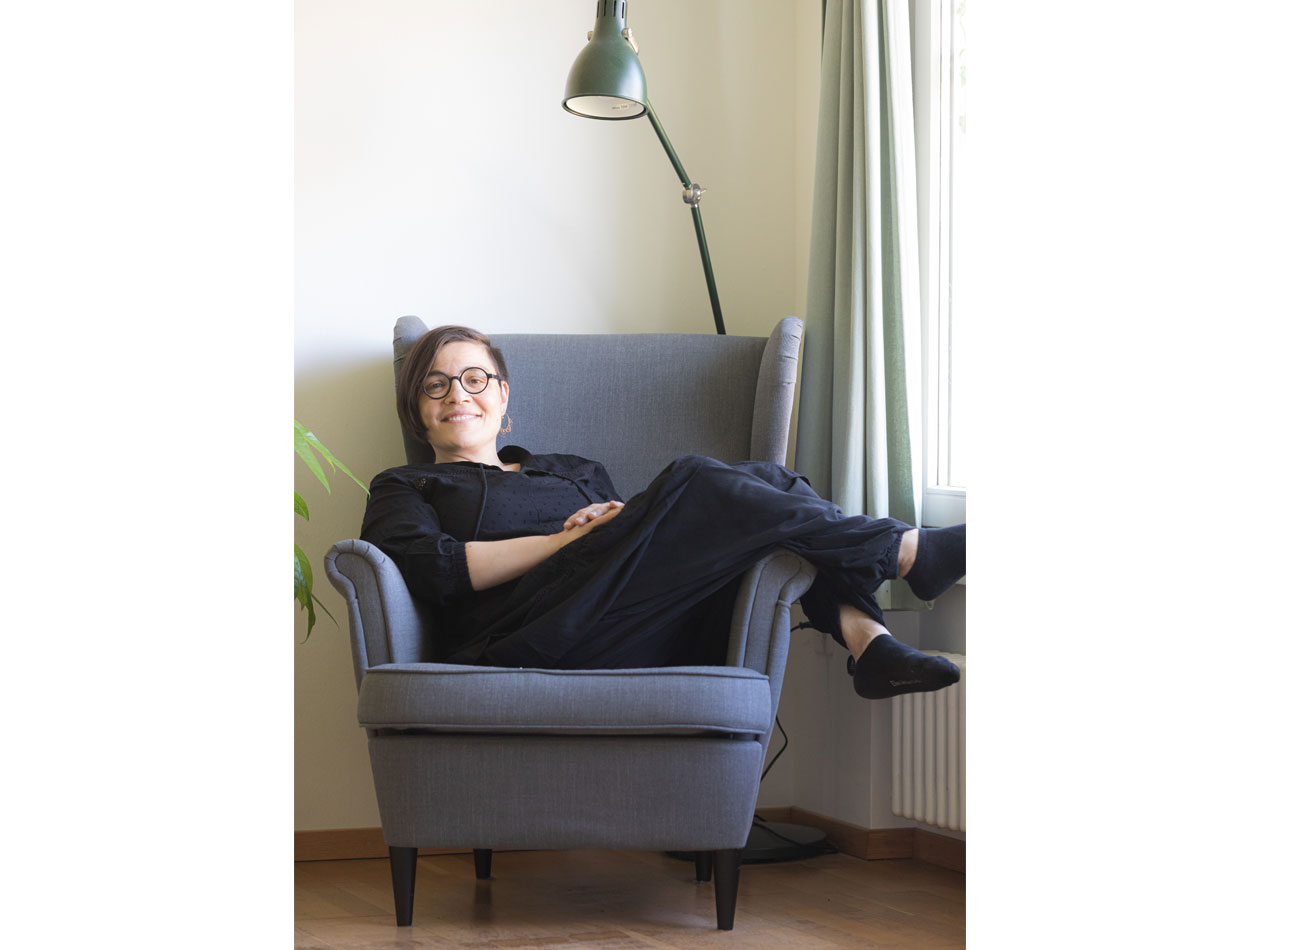 Cynthia Coray, Schauspielerin, Regisseurin und Theaterpädagogin